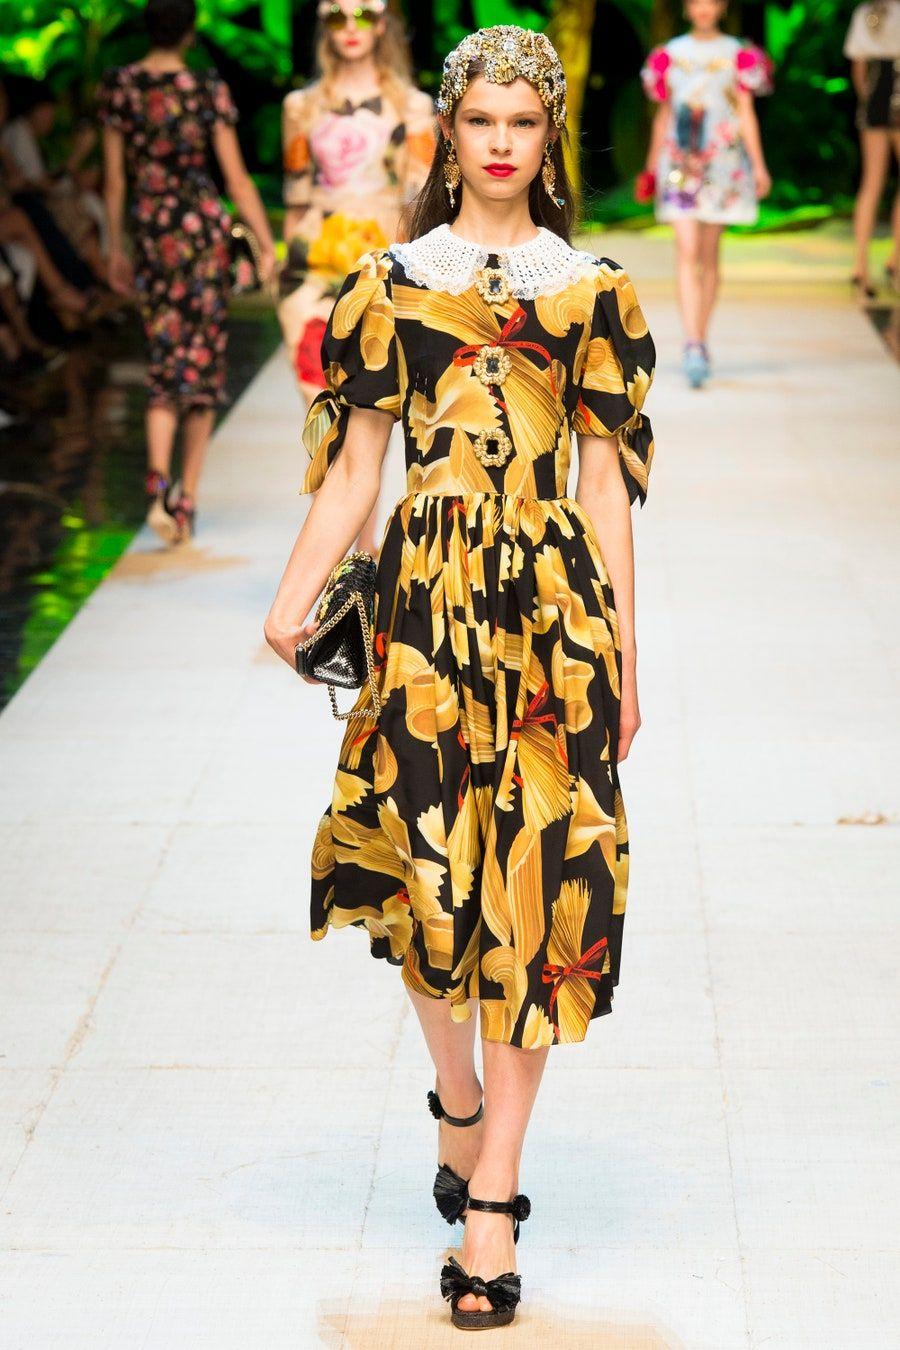 Dolce Gabbana Spring 2017 Ready To Wear Fashion Show In 2020 Fashion Fashion Show Catwalk Collection